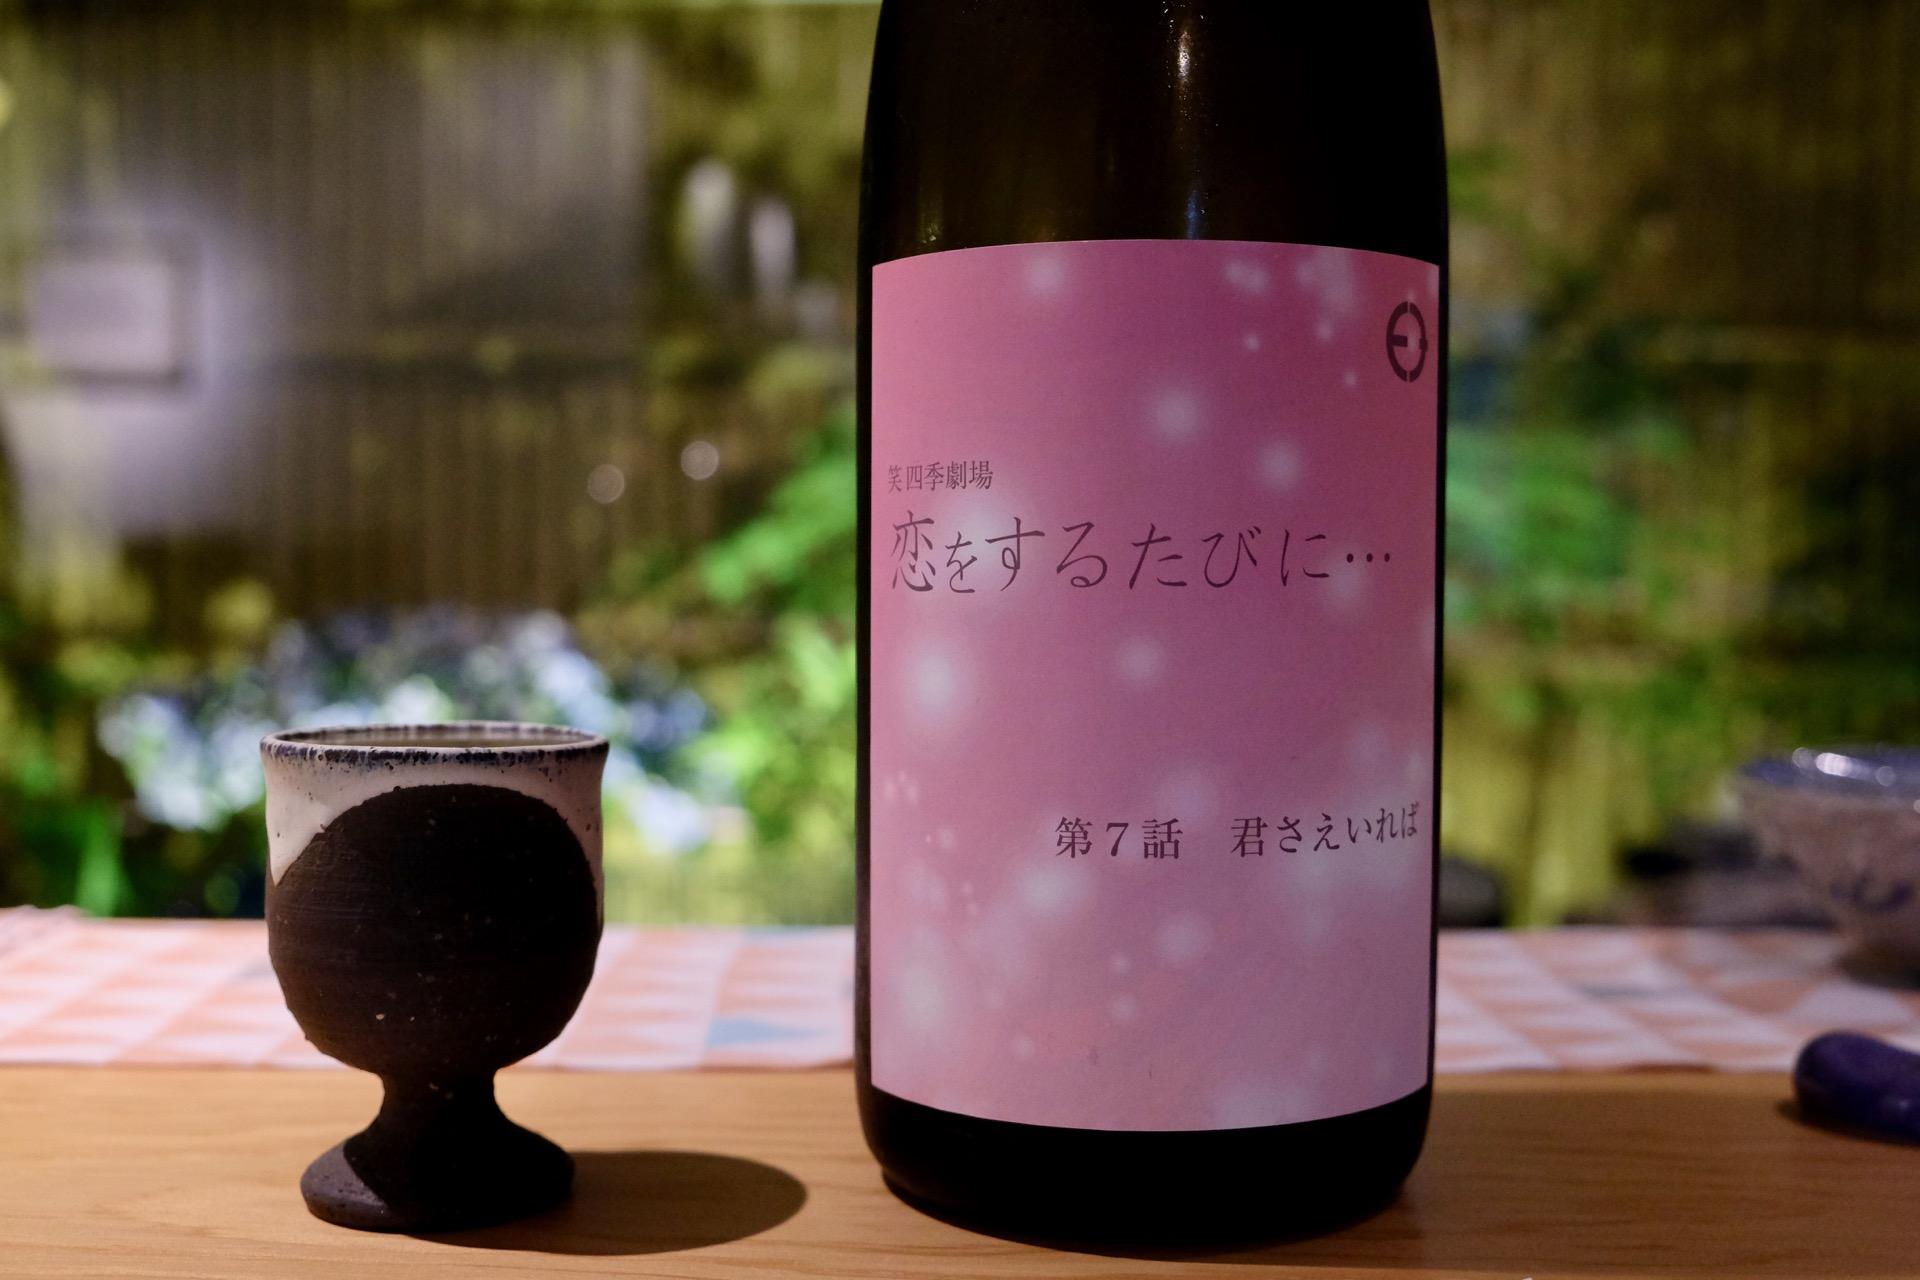 EMISHIKI 恋をするたびに… 第7話 君さえいれば|日本酒テイスティングノート